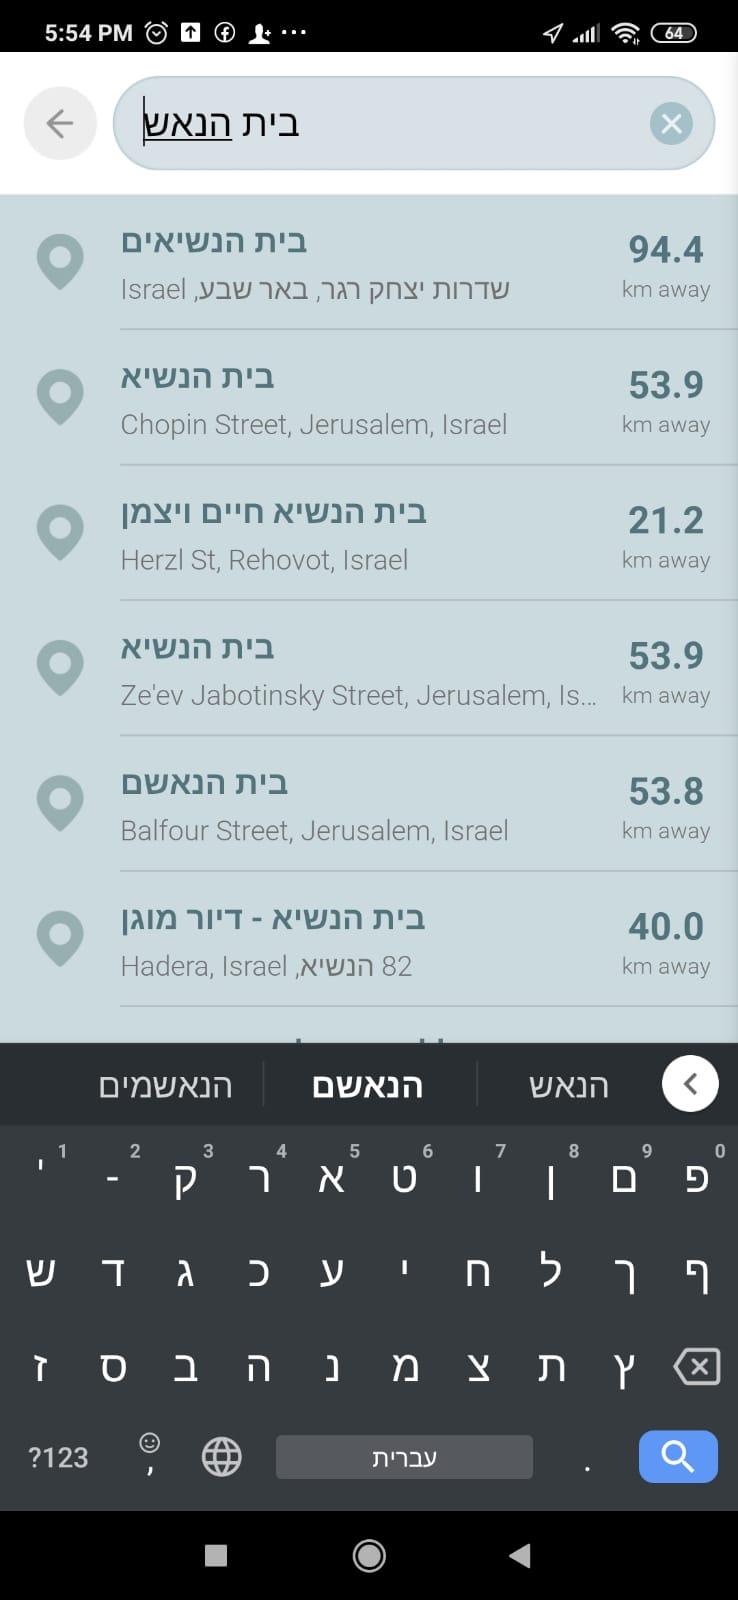 """חיפוש """"בית הנאשם"""" בווייז מעלה את רחוב בלפור בירושלים"""